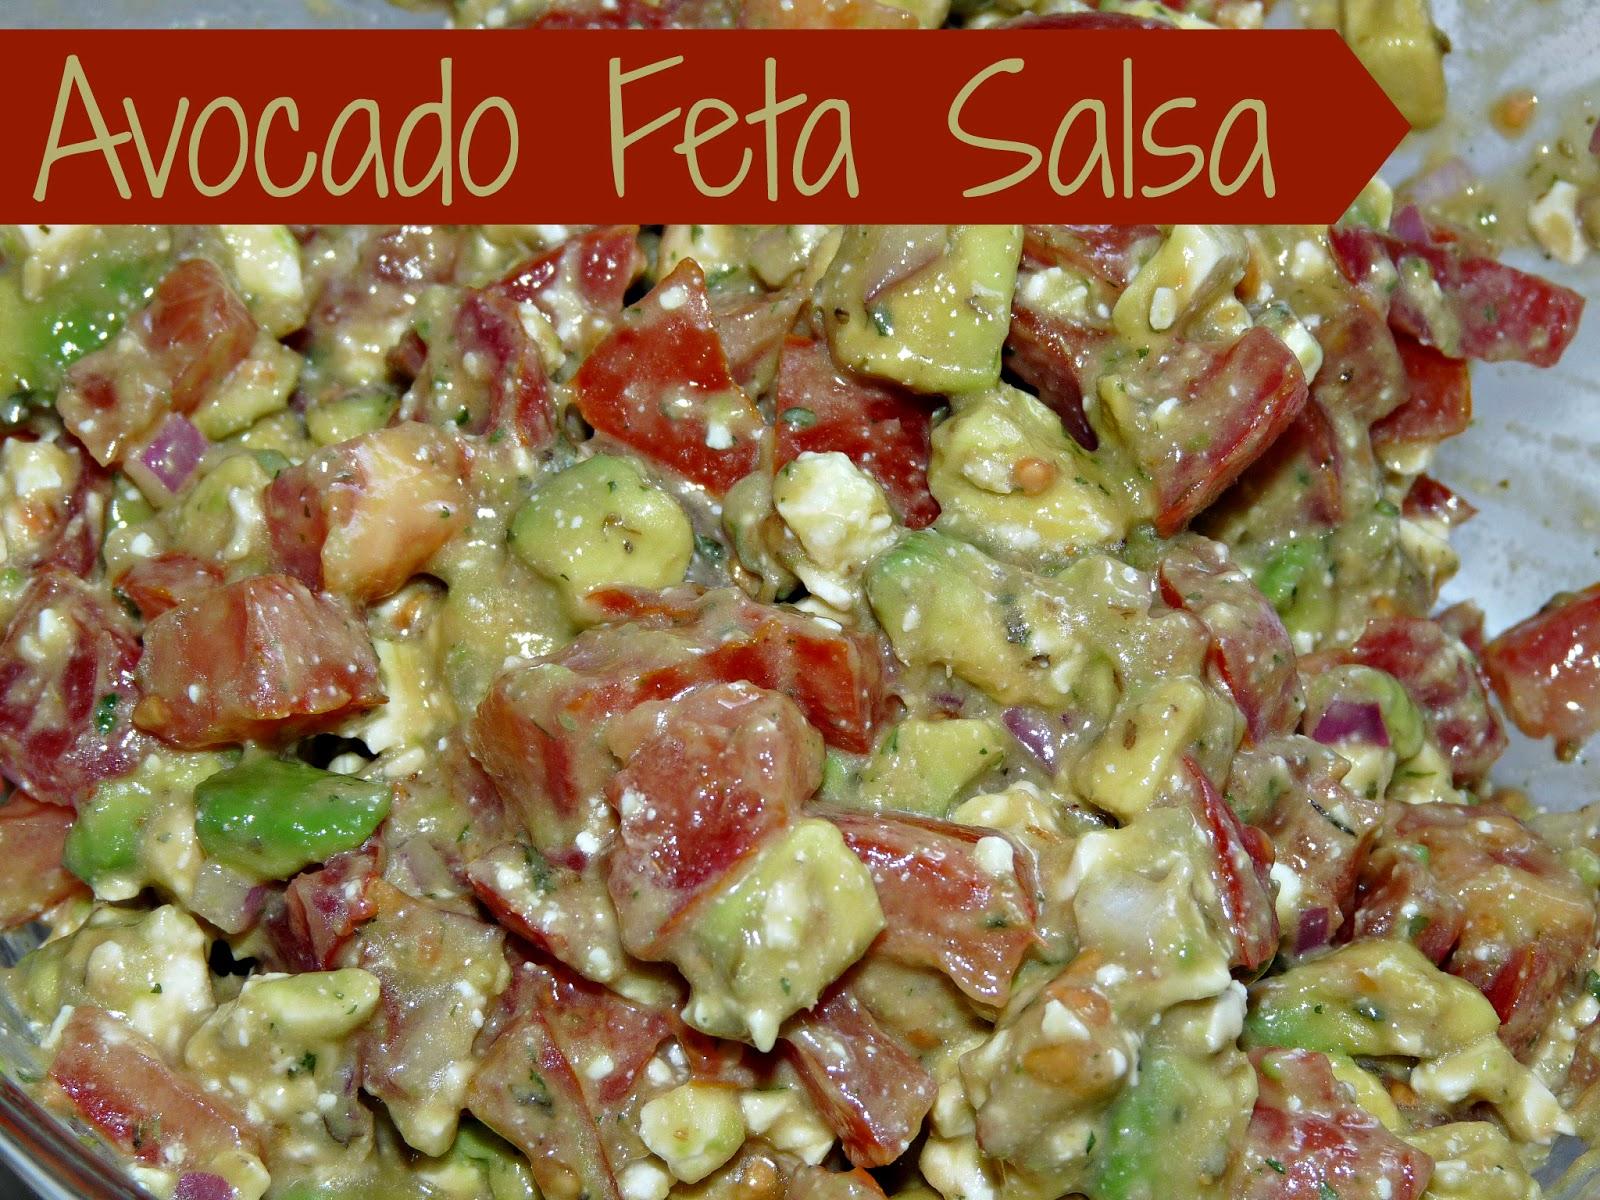 Zoe's Lunchbox: Recipe Review - Avocado Feta Salsa